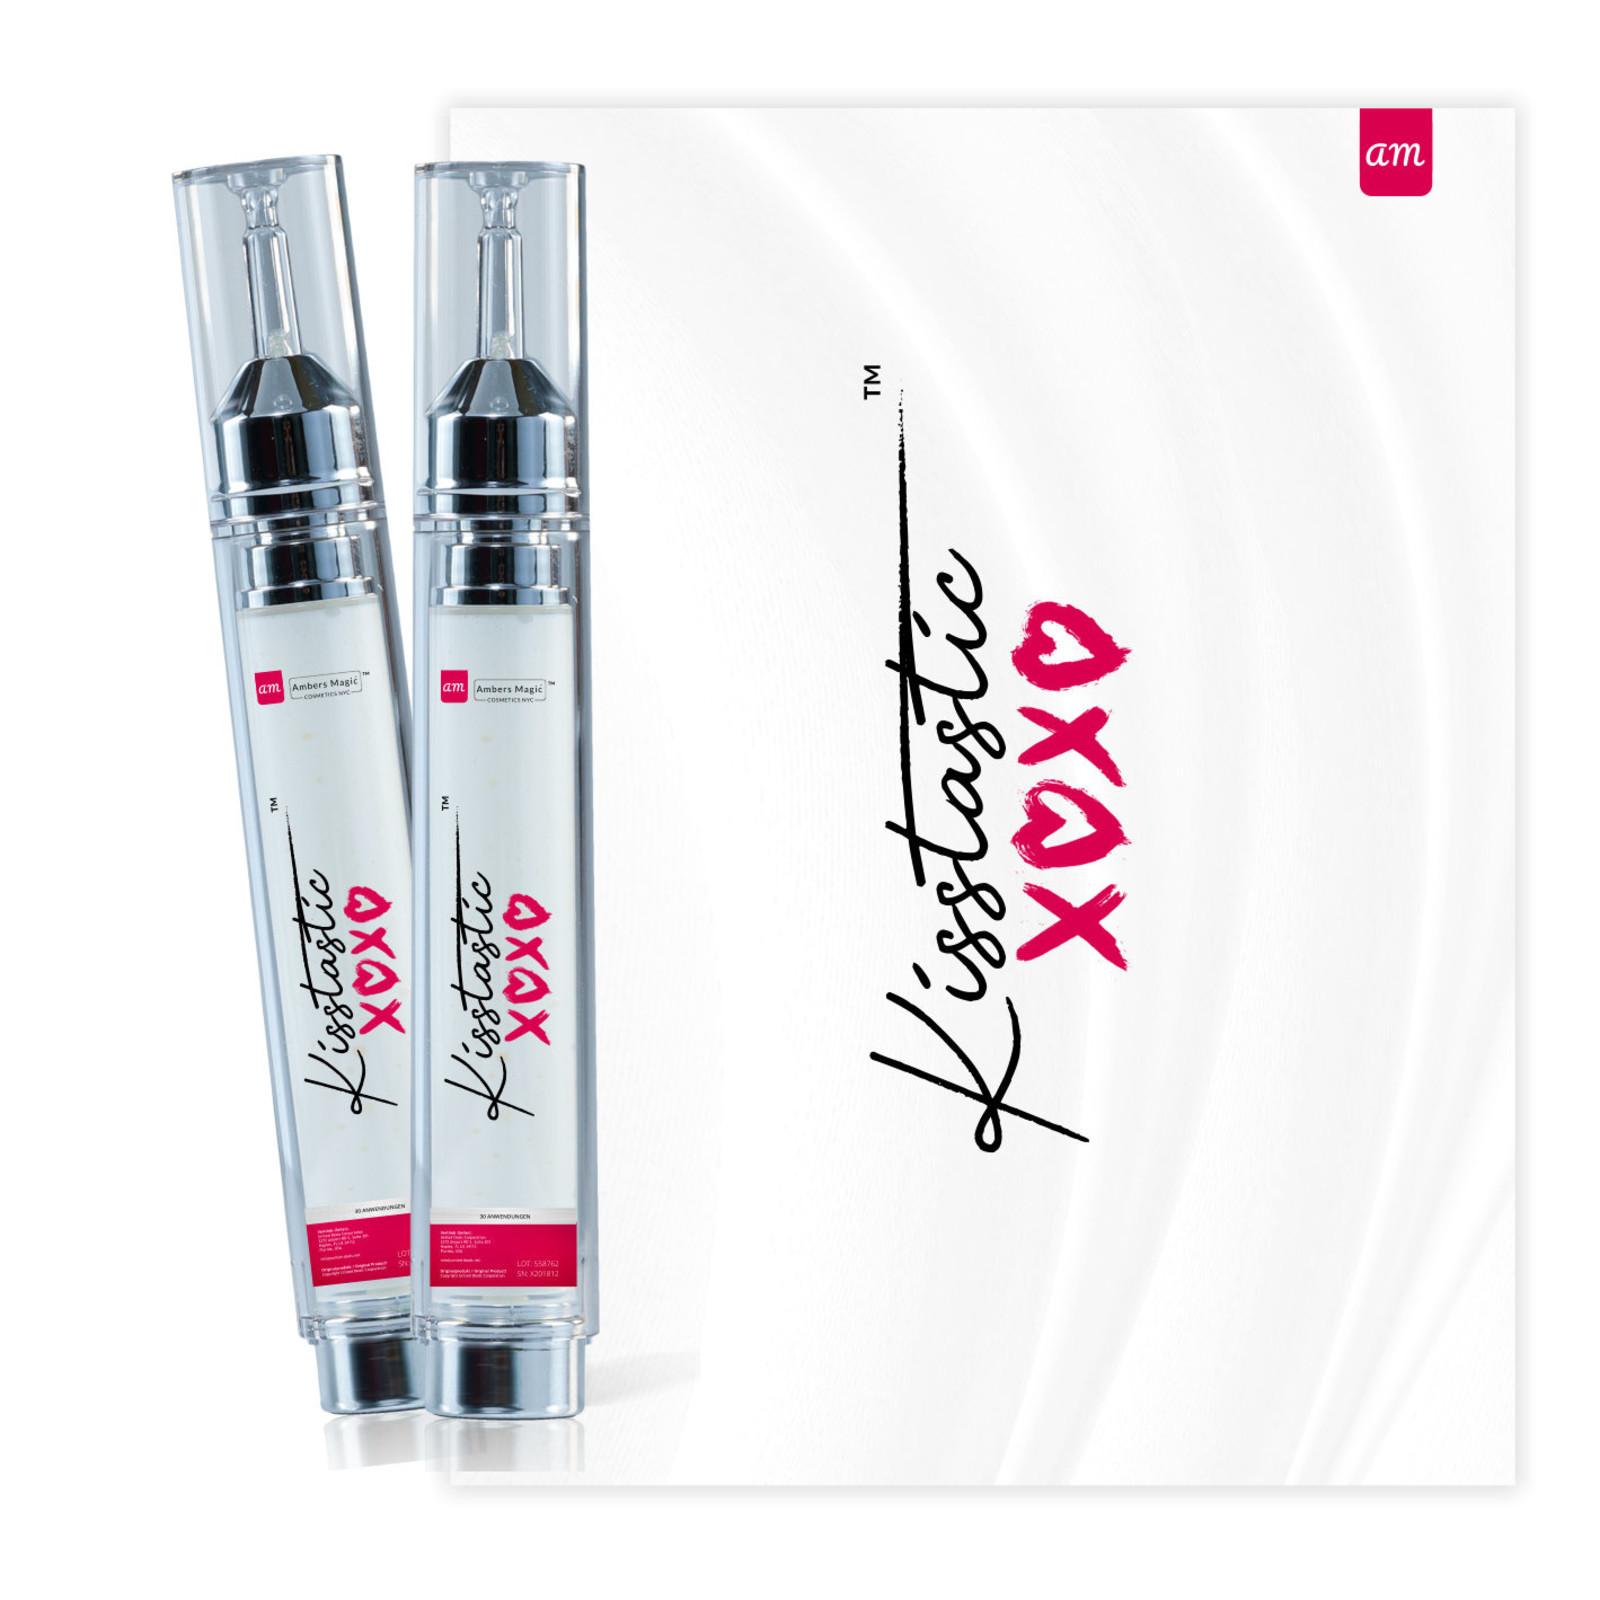 Kisstastik Kisstastic® - der original Lippenbooster mit Btxless Technologie